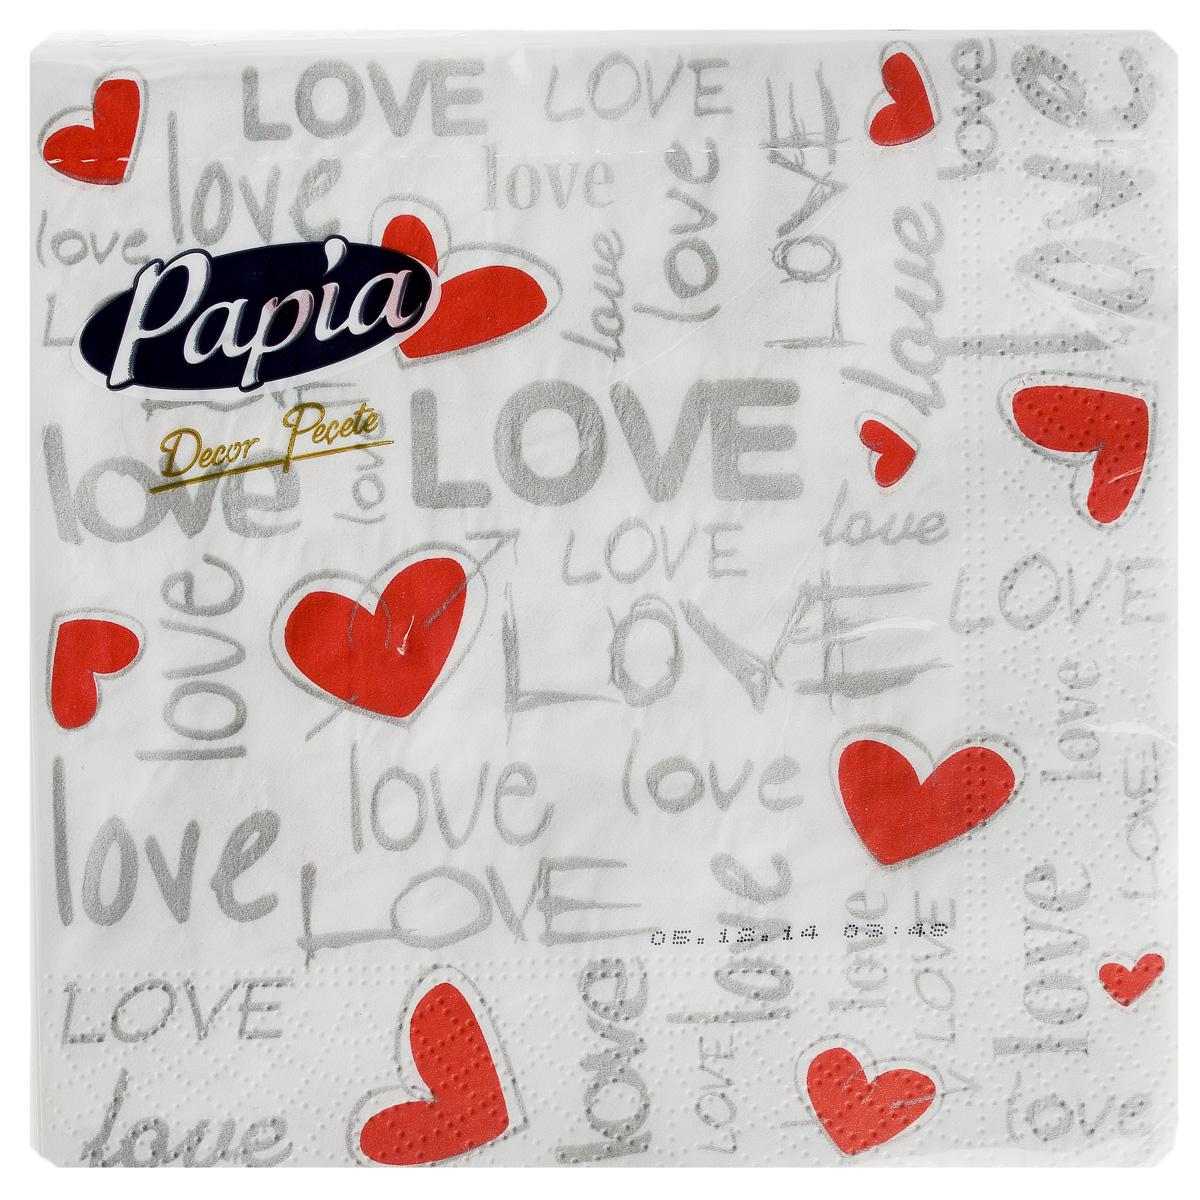 Салфетки бумажные Papia Decor, трехслойные, цвет: белый, серый, красный, 33 x 33 см, 20 шт15302_белый/LoveТрехслойные салфетки Papia Decor, выполненные из 100% целлюлозы, оформлены красочным рисунком. Салфетки предназначены для красивой сервировки стола. Оригинальный дизайн салфеток добавит изысканности вашему столу и поднимет настроение. Размер салфеток: 33 см х 33 см.